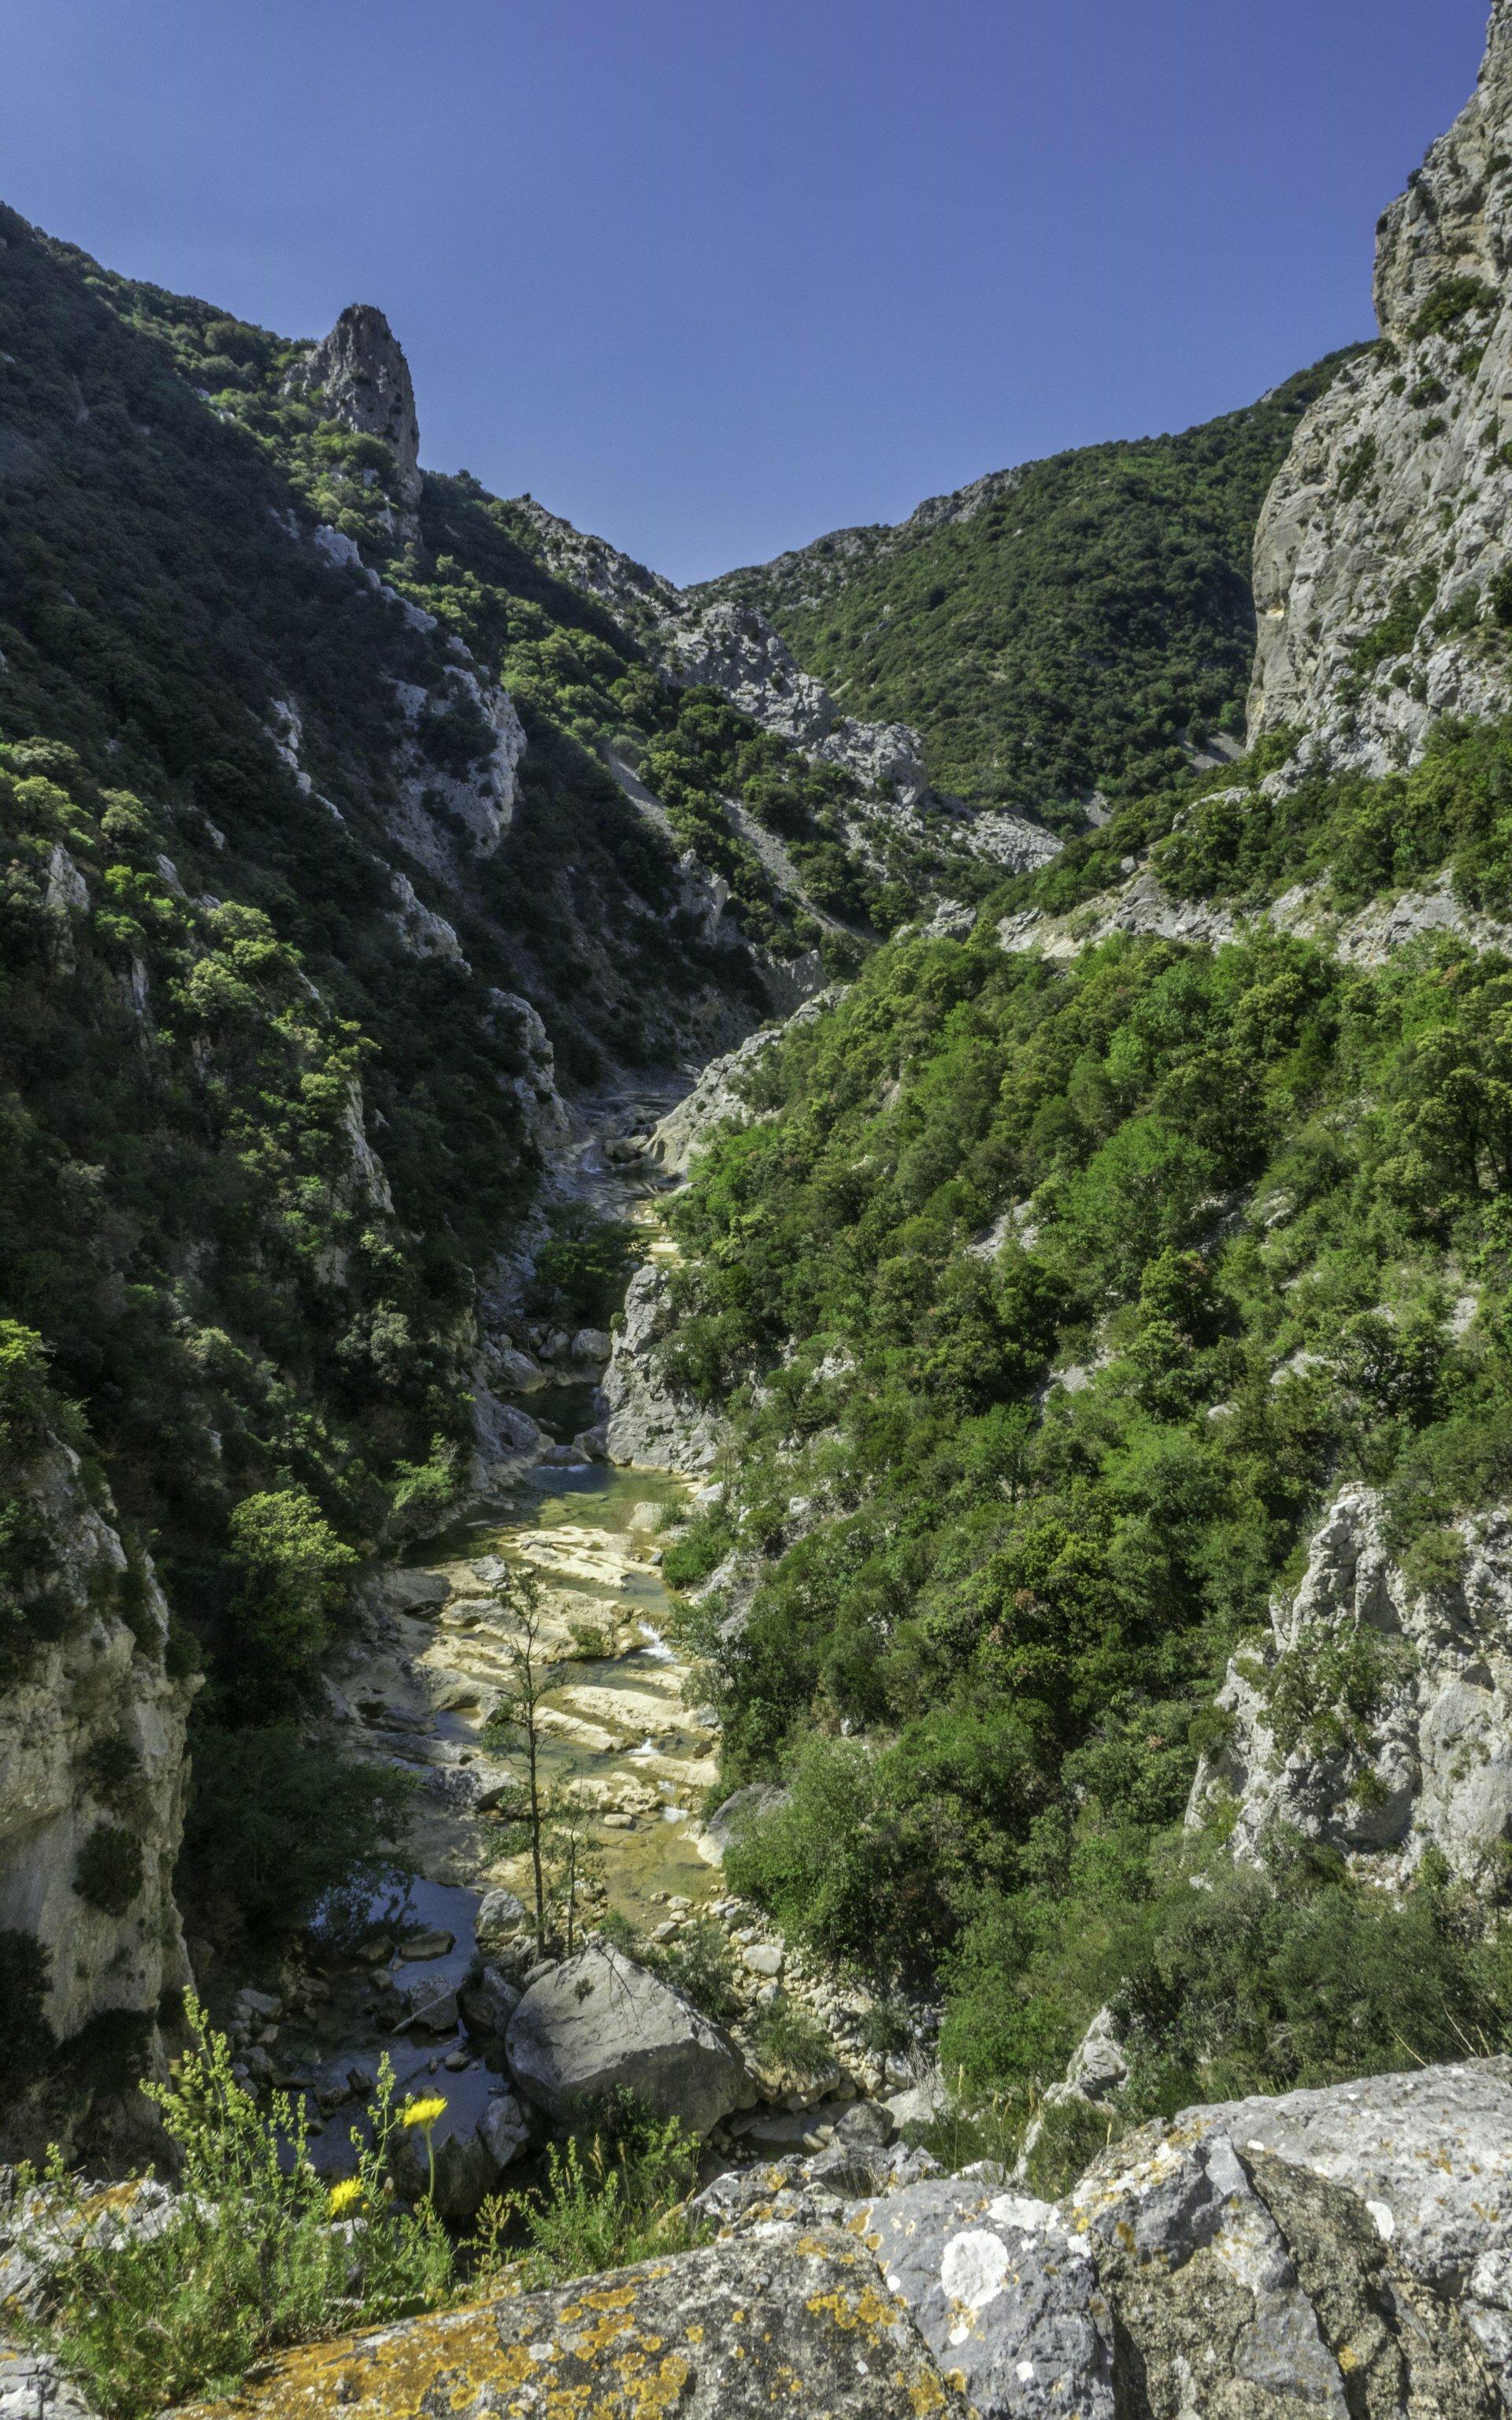 Agly nördlich der Gorges de Galamus